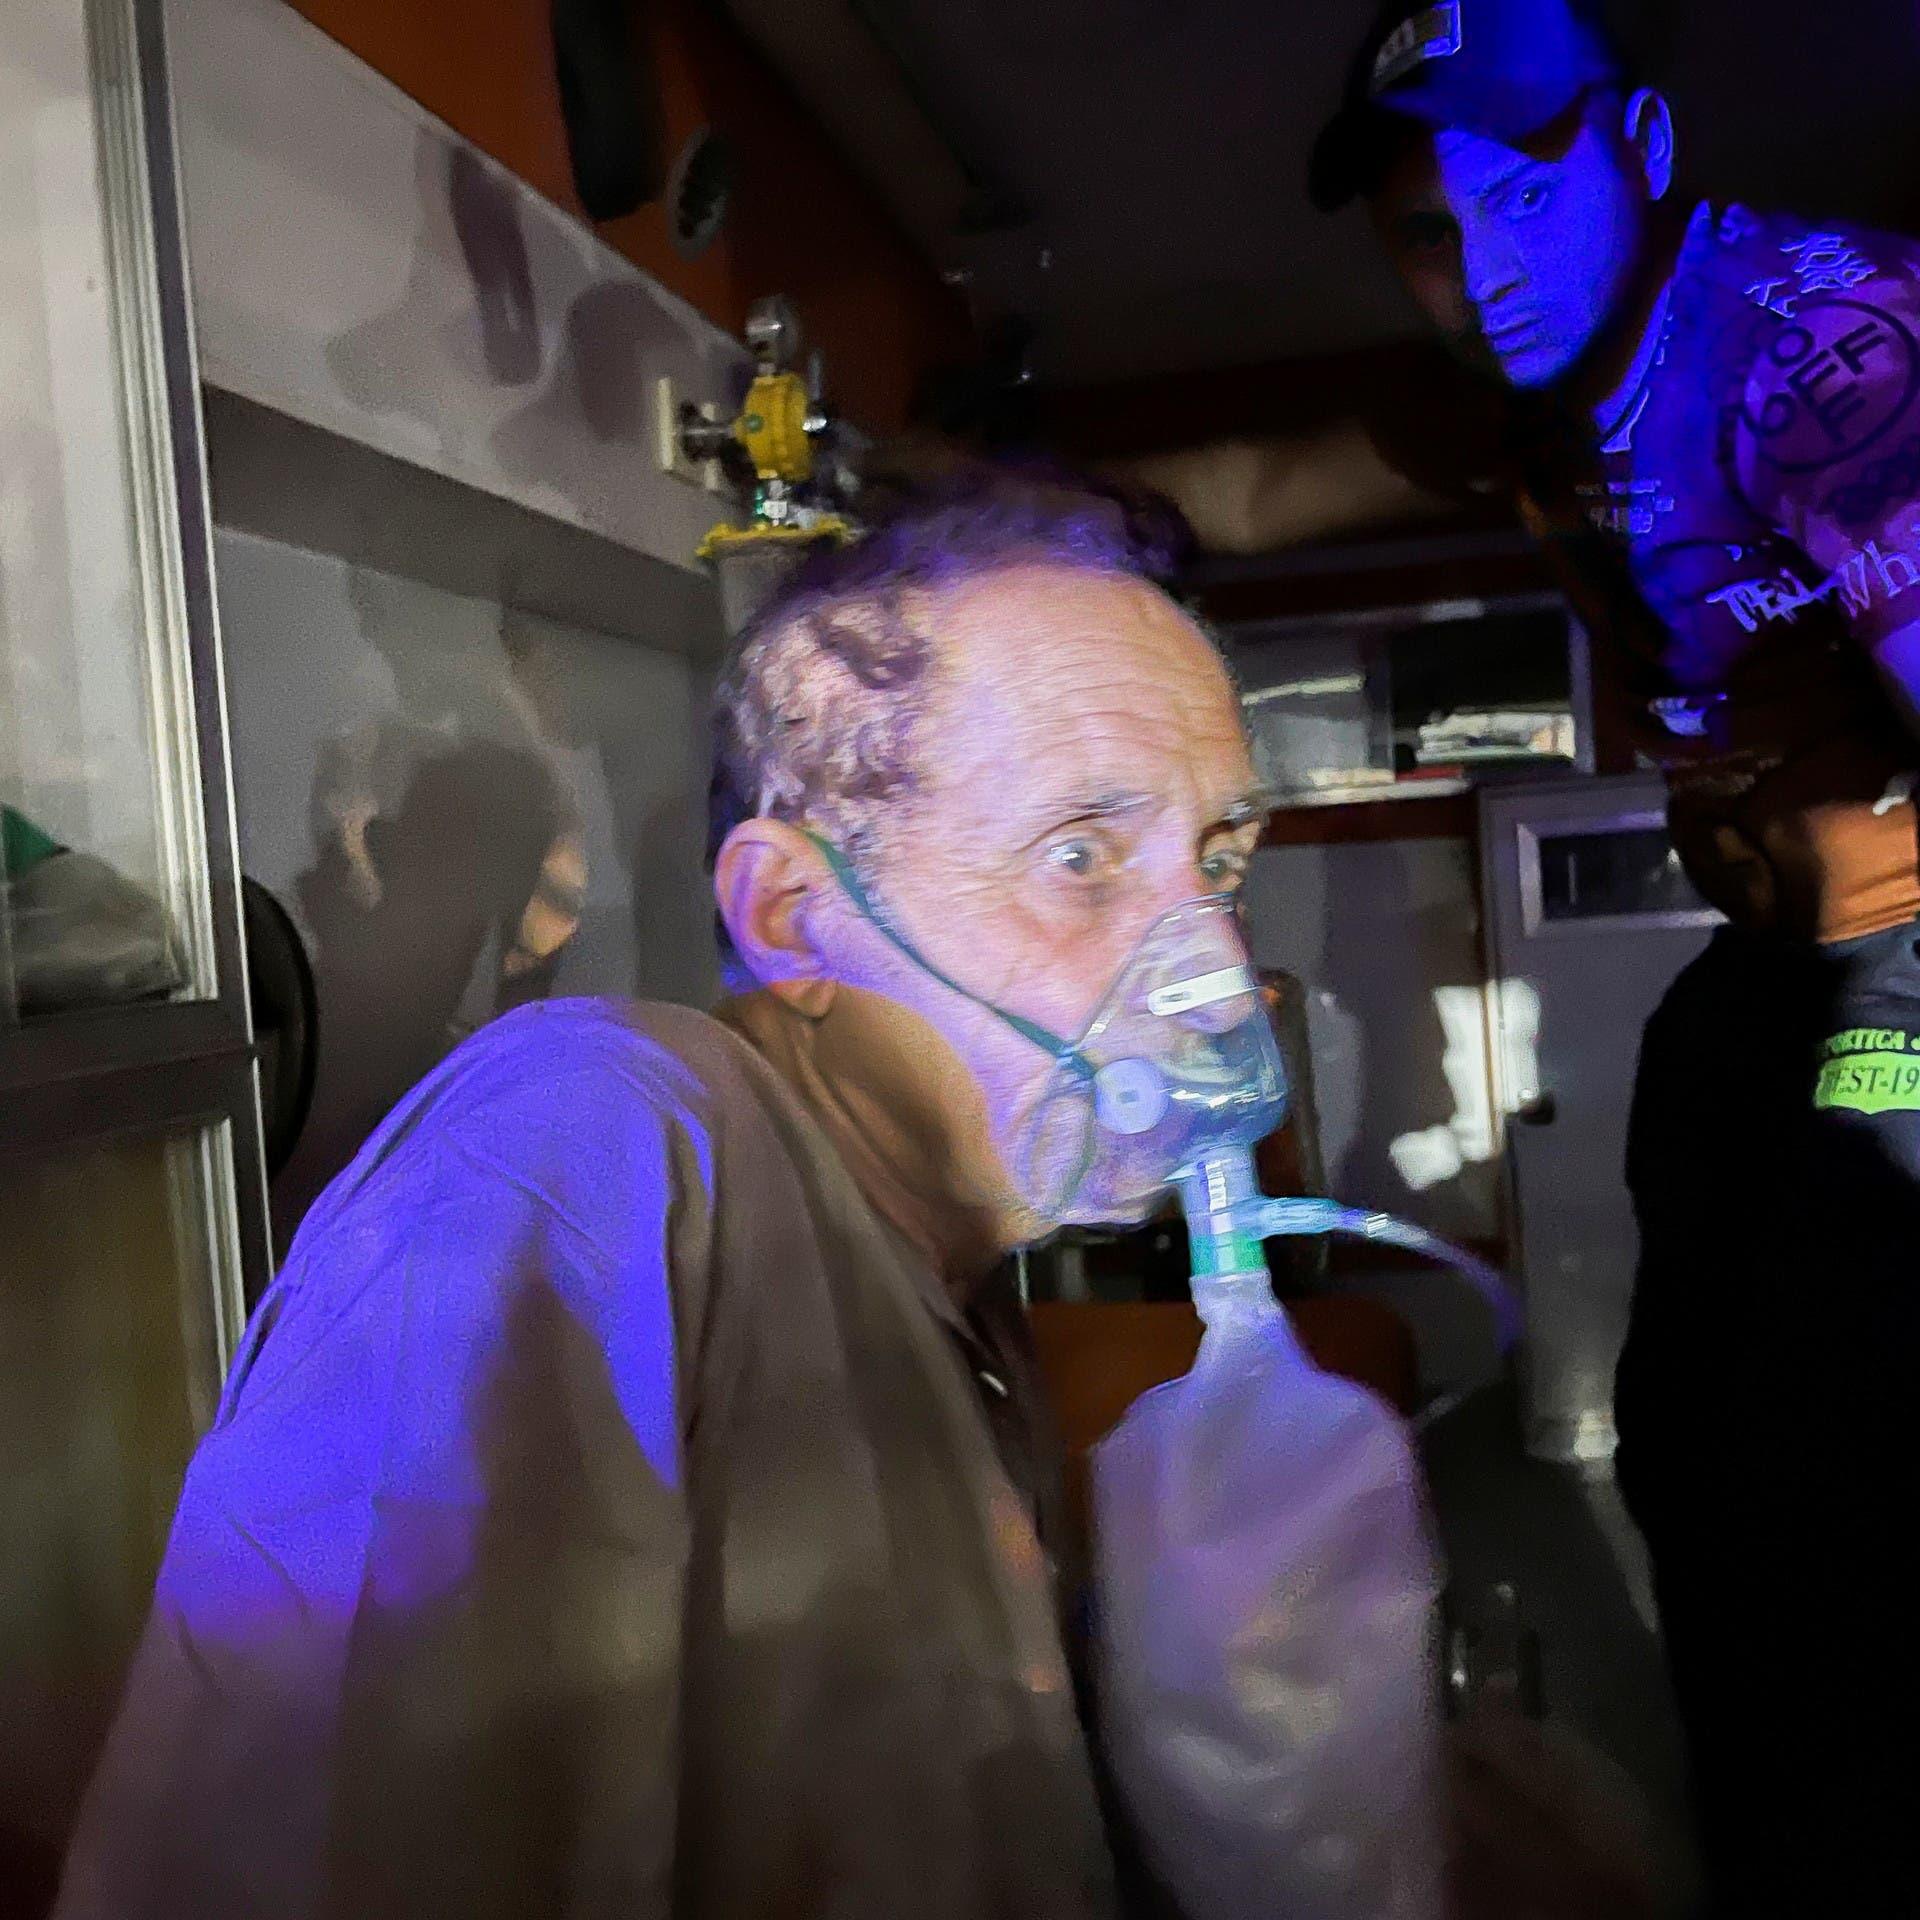 فاجعة المستشفى ببغداد.. الكاظمي يتعهد بمحاسبة المقصرين